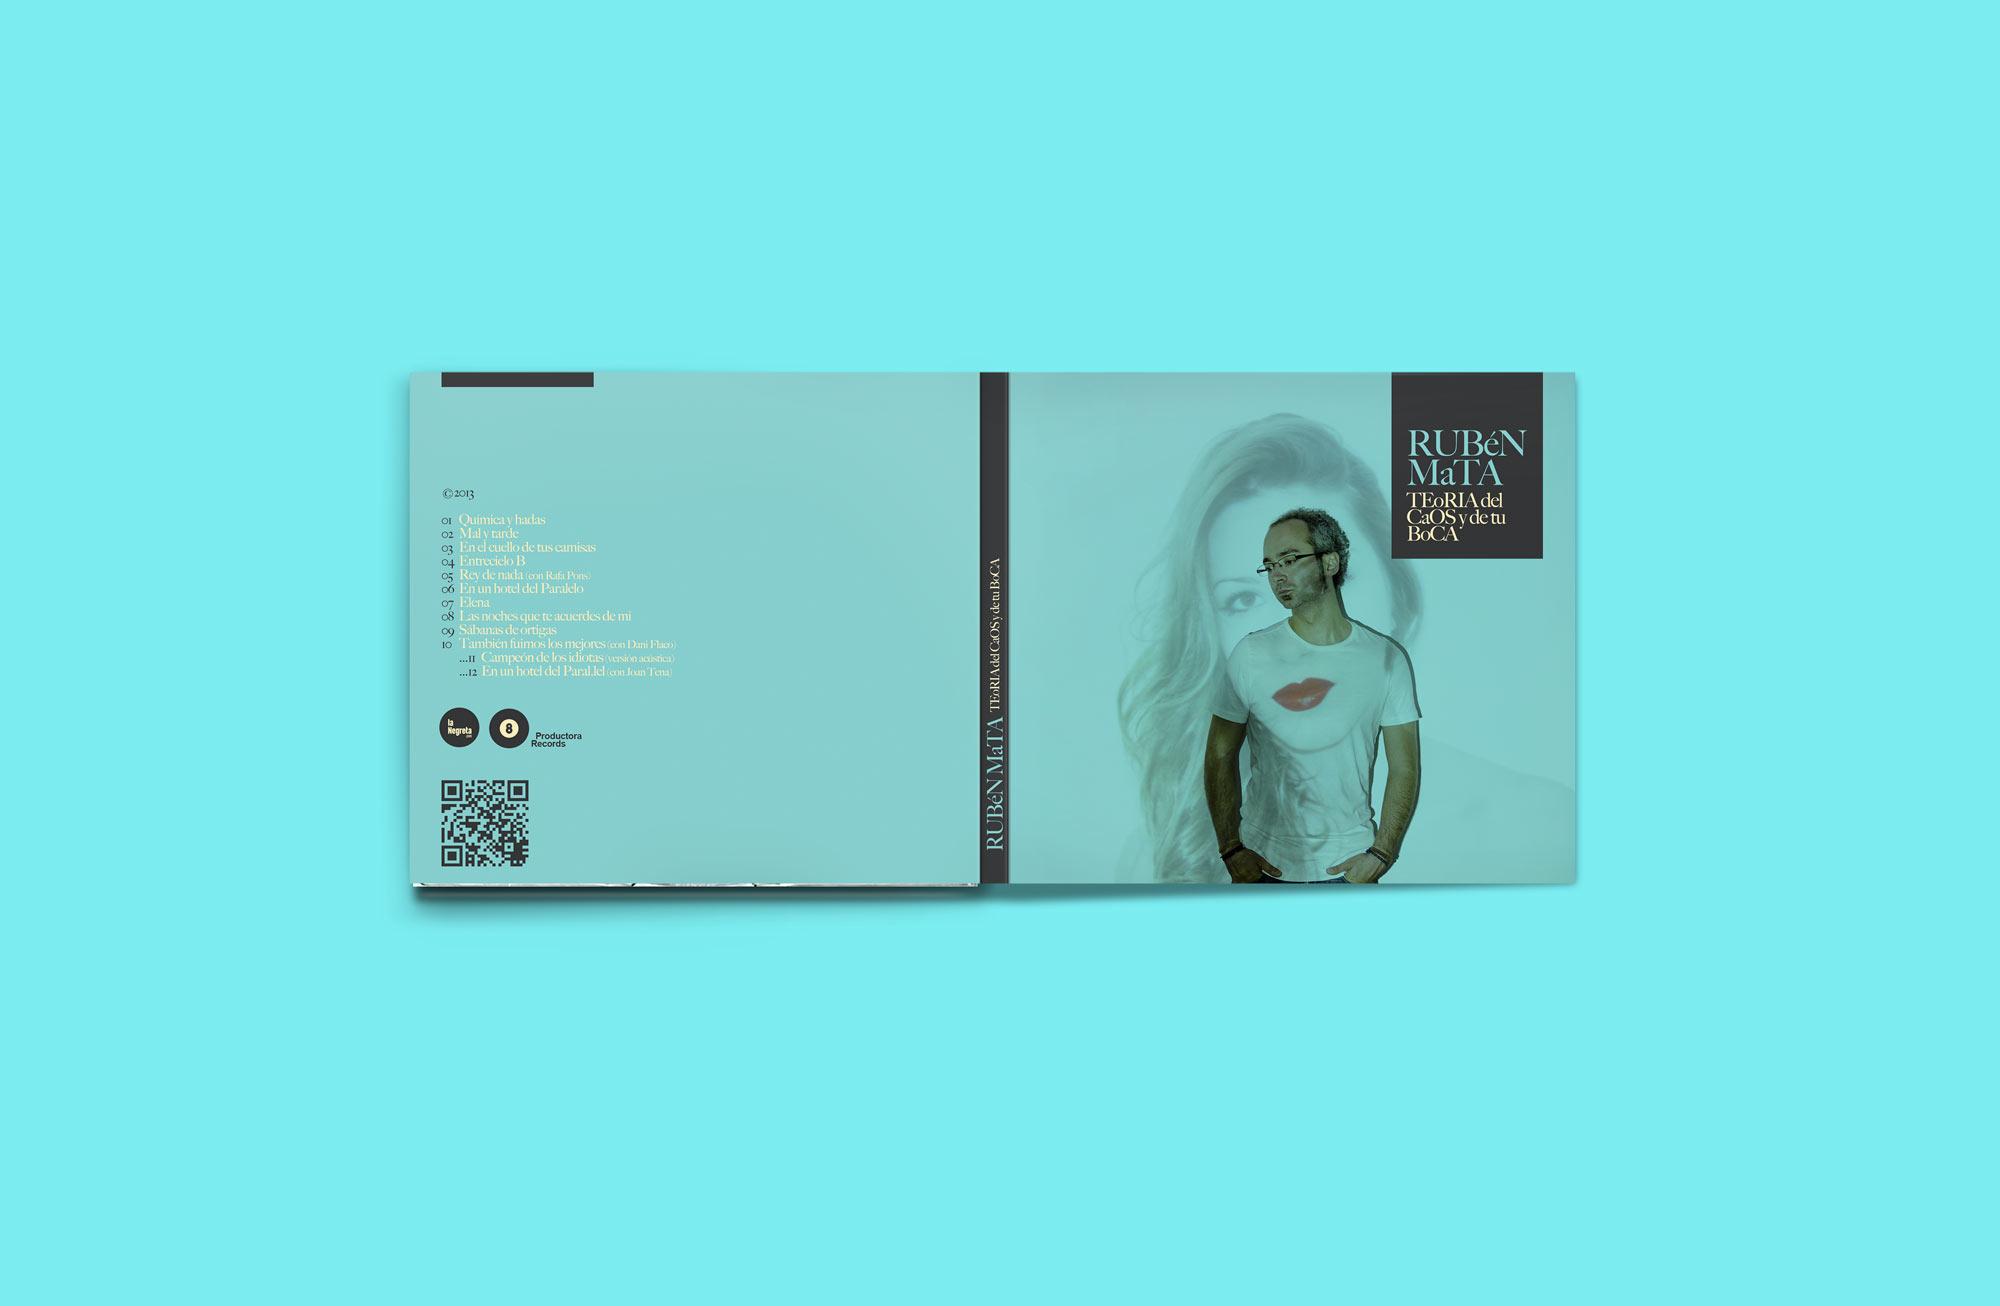 RUM-LP-Vinyl-6.jpg